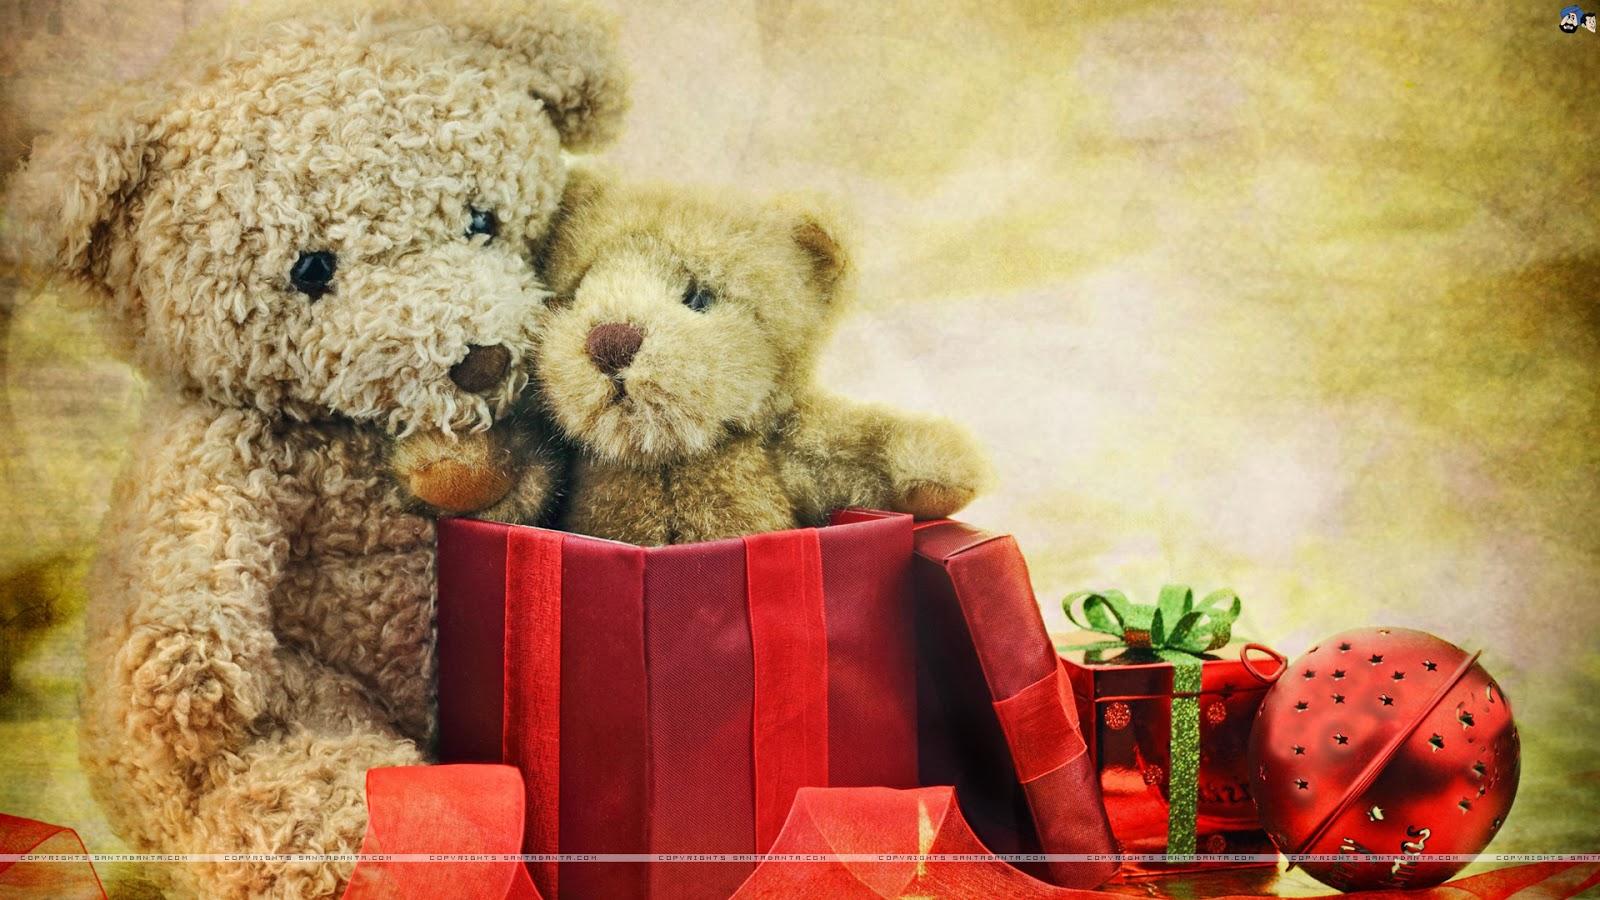 Happy Valentines Day 2014- Best Wishes Hug Day